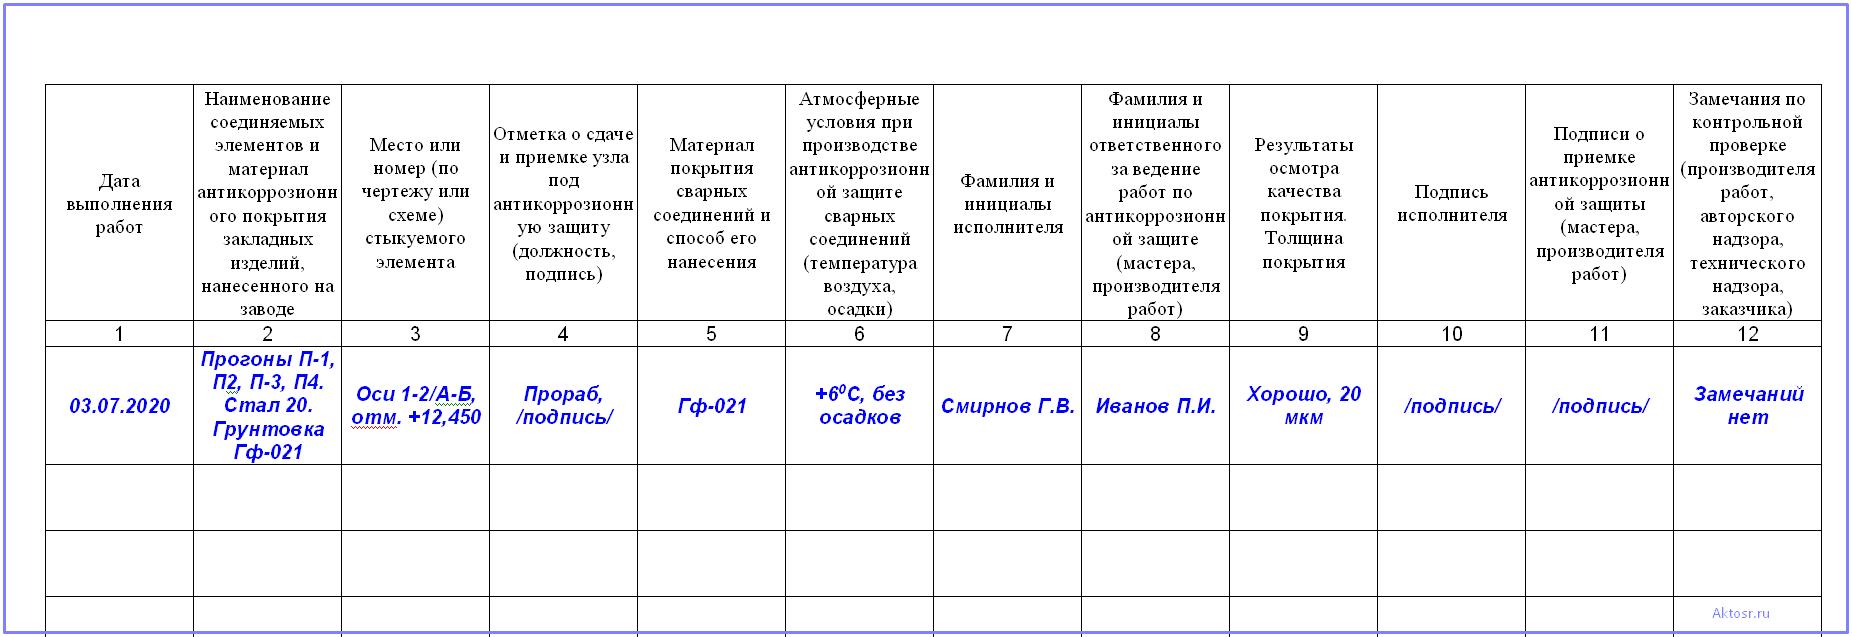 Образец заполнения таблицы журнала антикоррозионной защиты сварных соединений